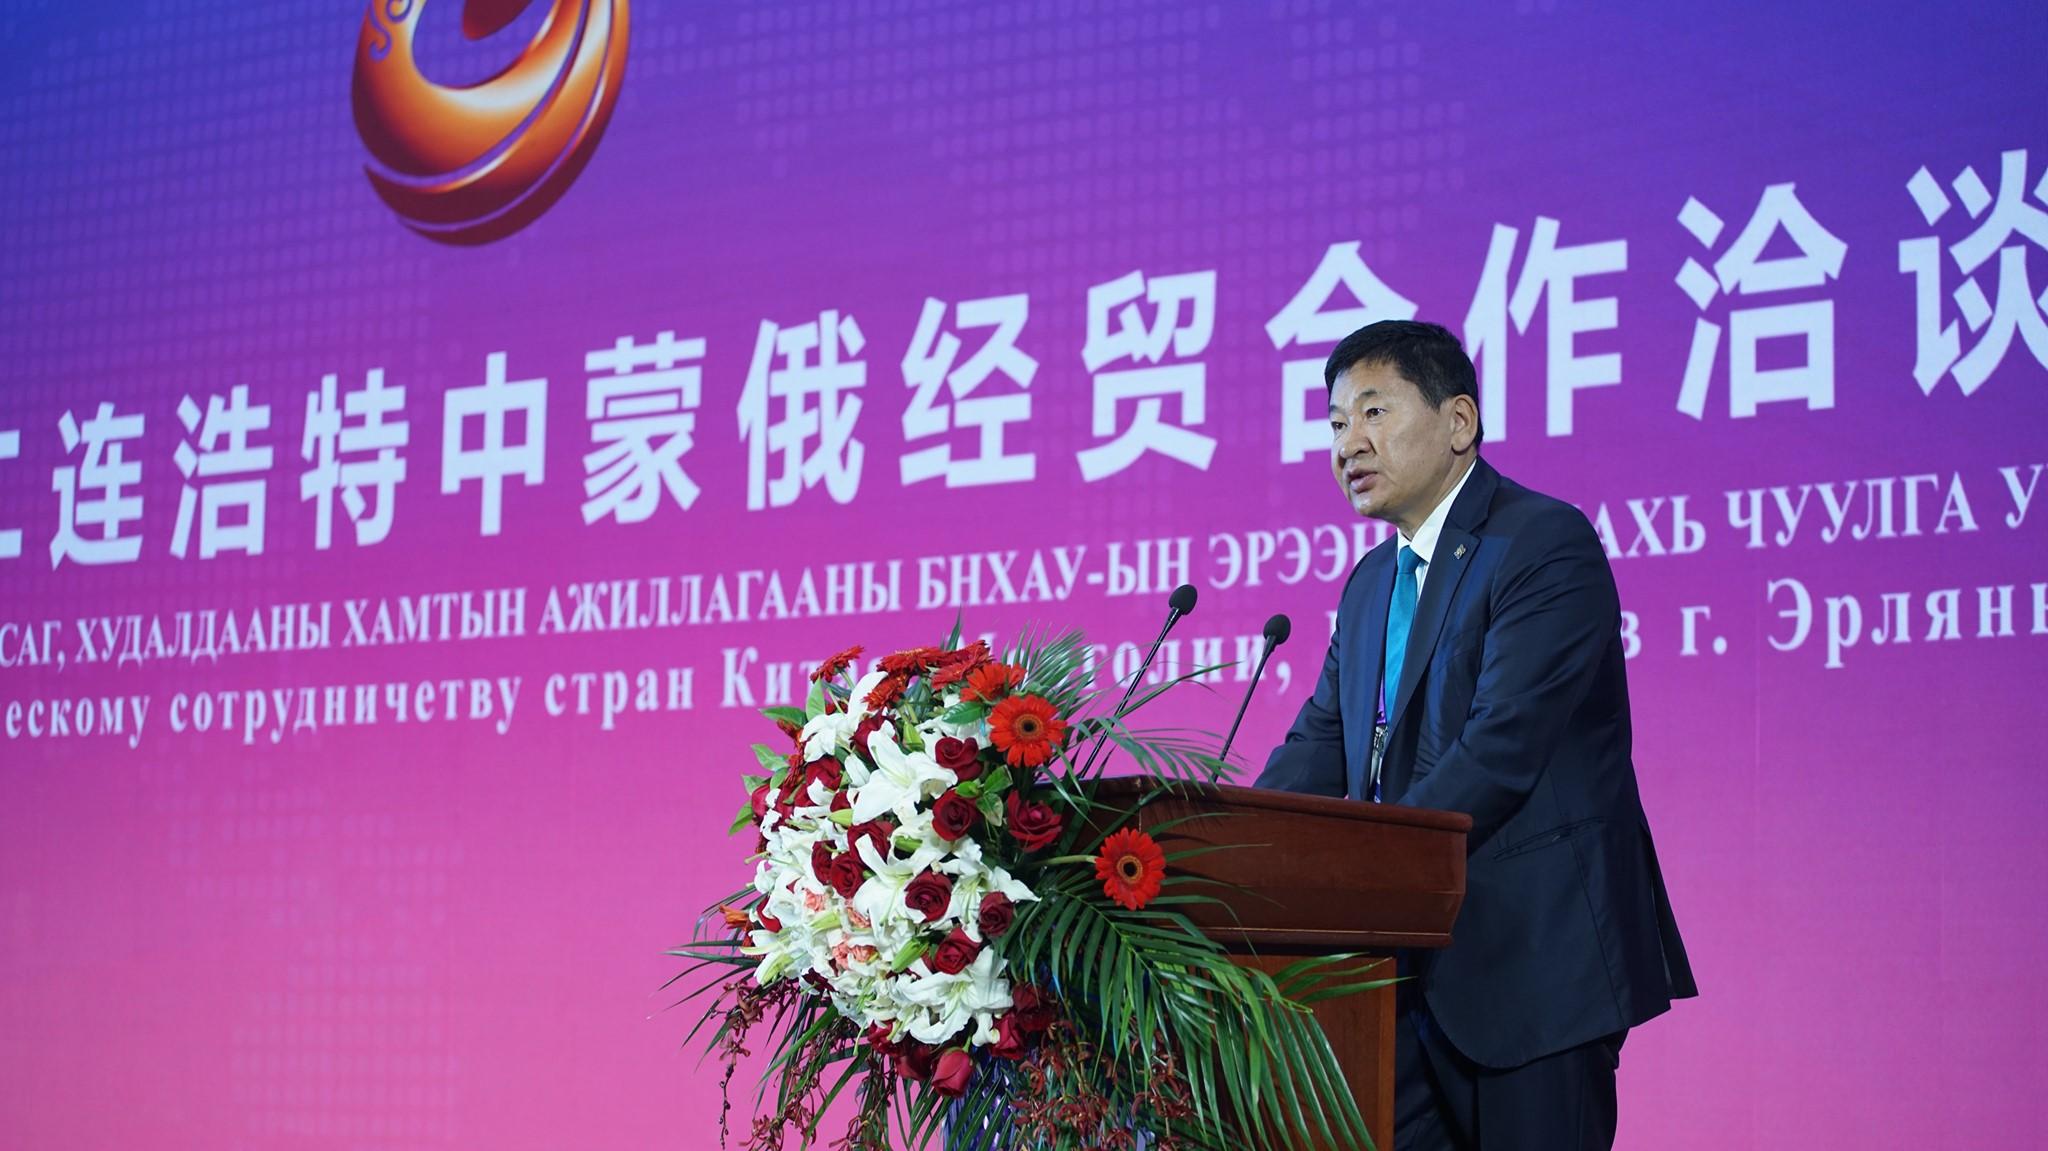 """Эрээн хотын 11 дэх удаагийн чуулган """"Эдийн засгийн коридор""""-ыг онцолж байна"""